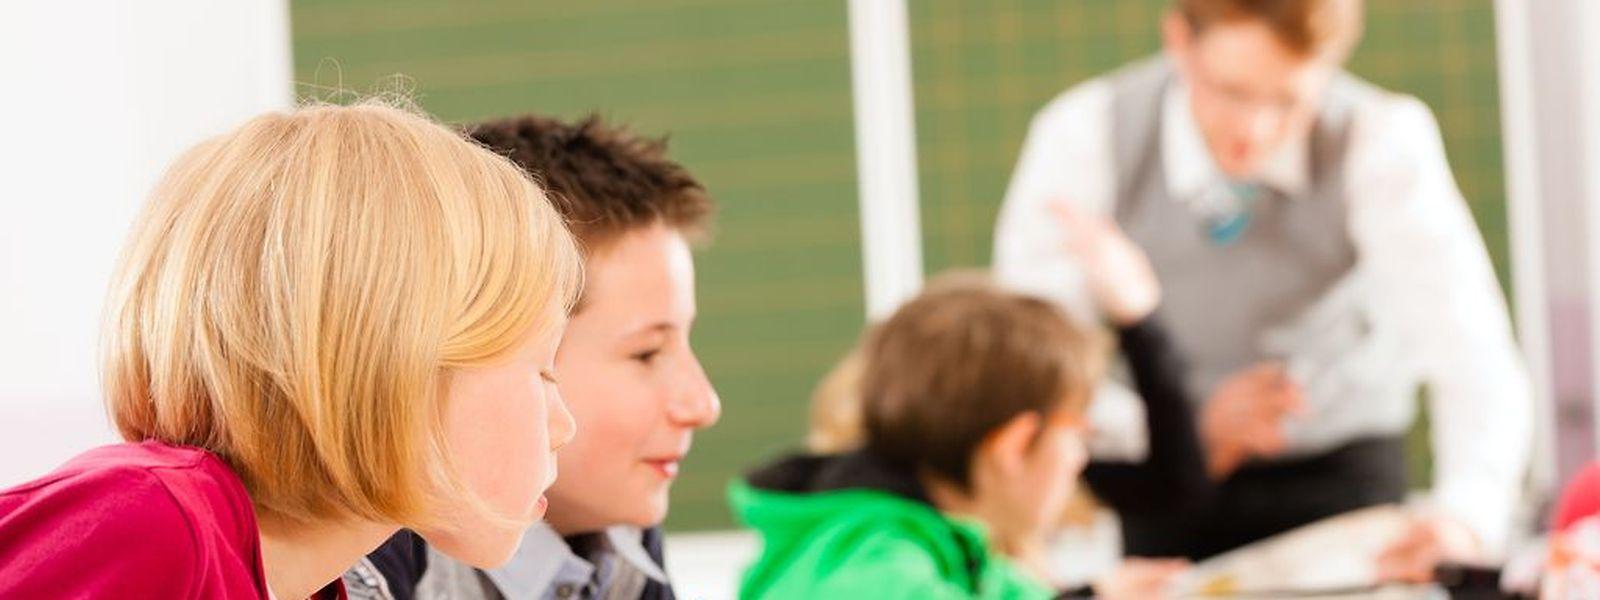 191 von 315 angehenden Lehrern schafften in diesem Jahr den Examen-Concours nicht und müssen die Prüfungen im kommenden Jahr wiederholen.